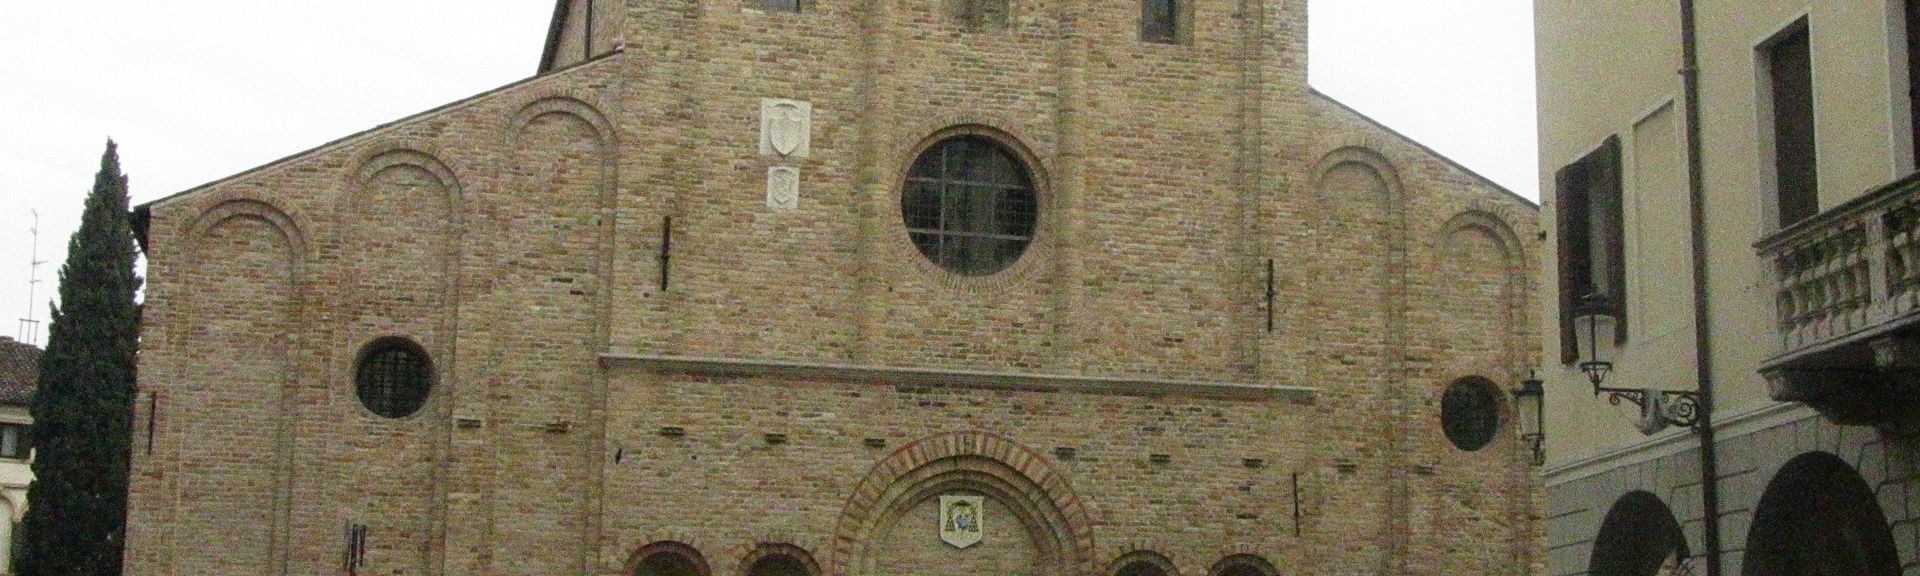 Piove di Sacco, Veneto, Italy